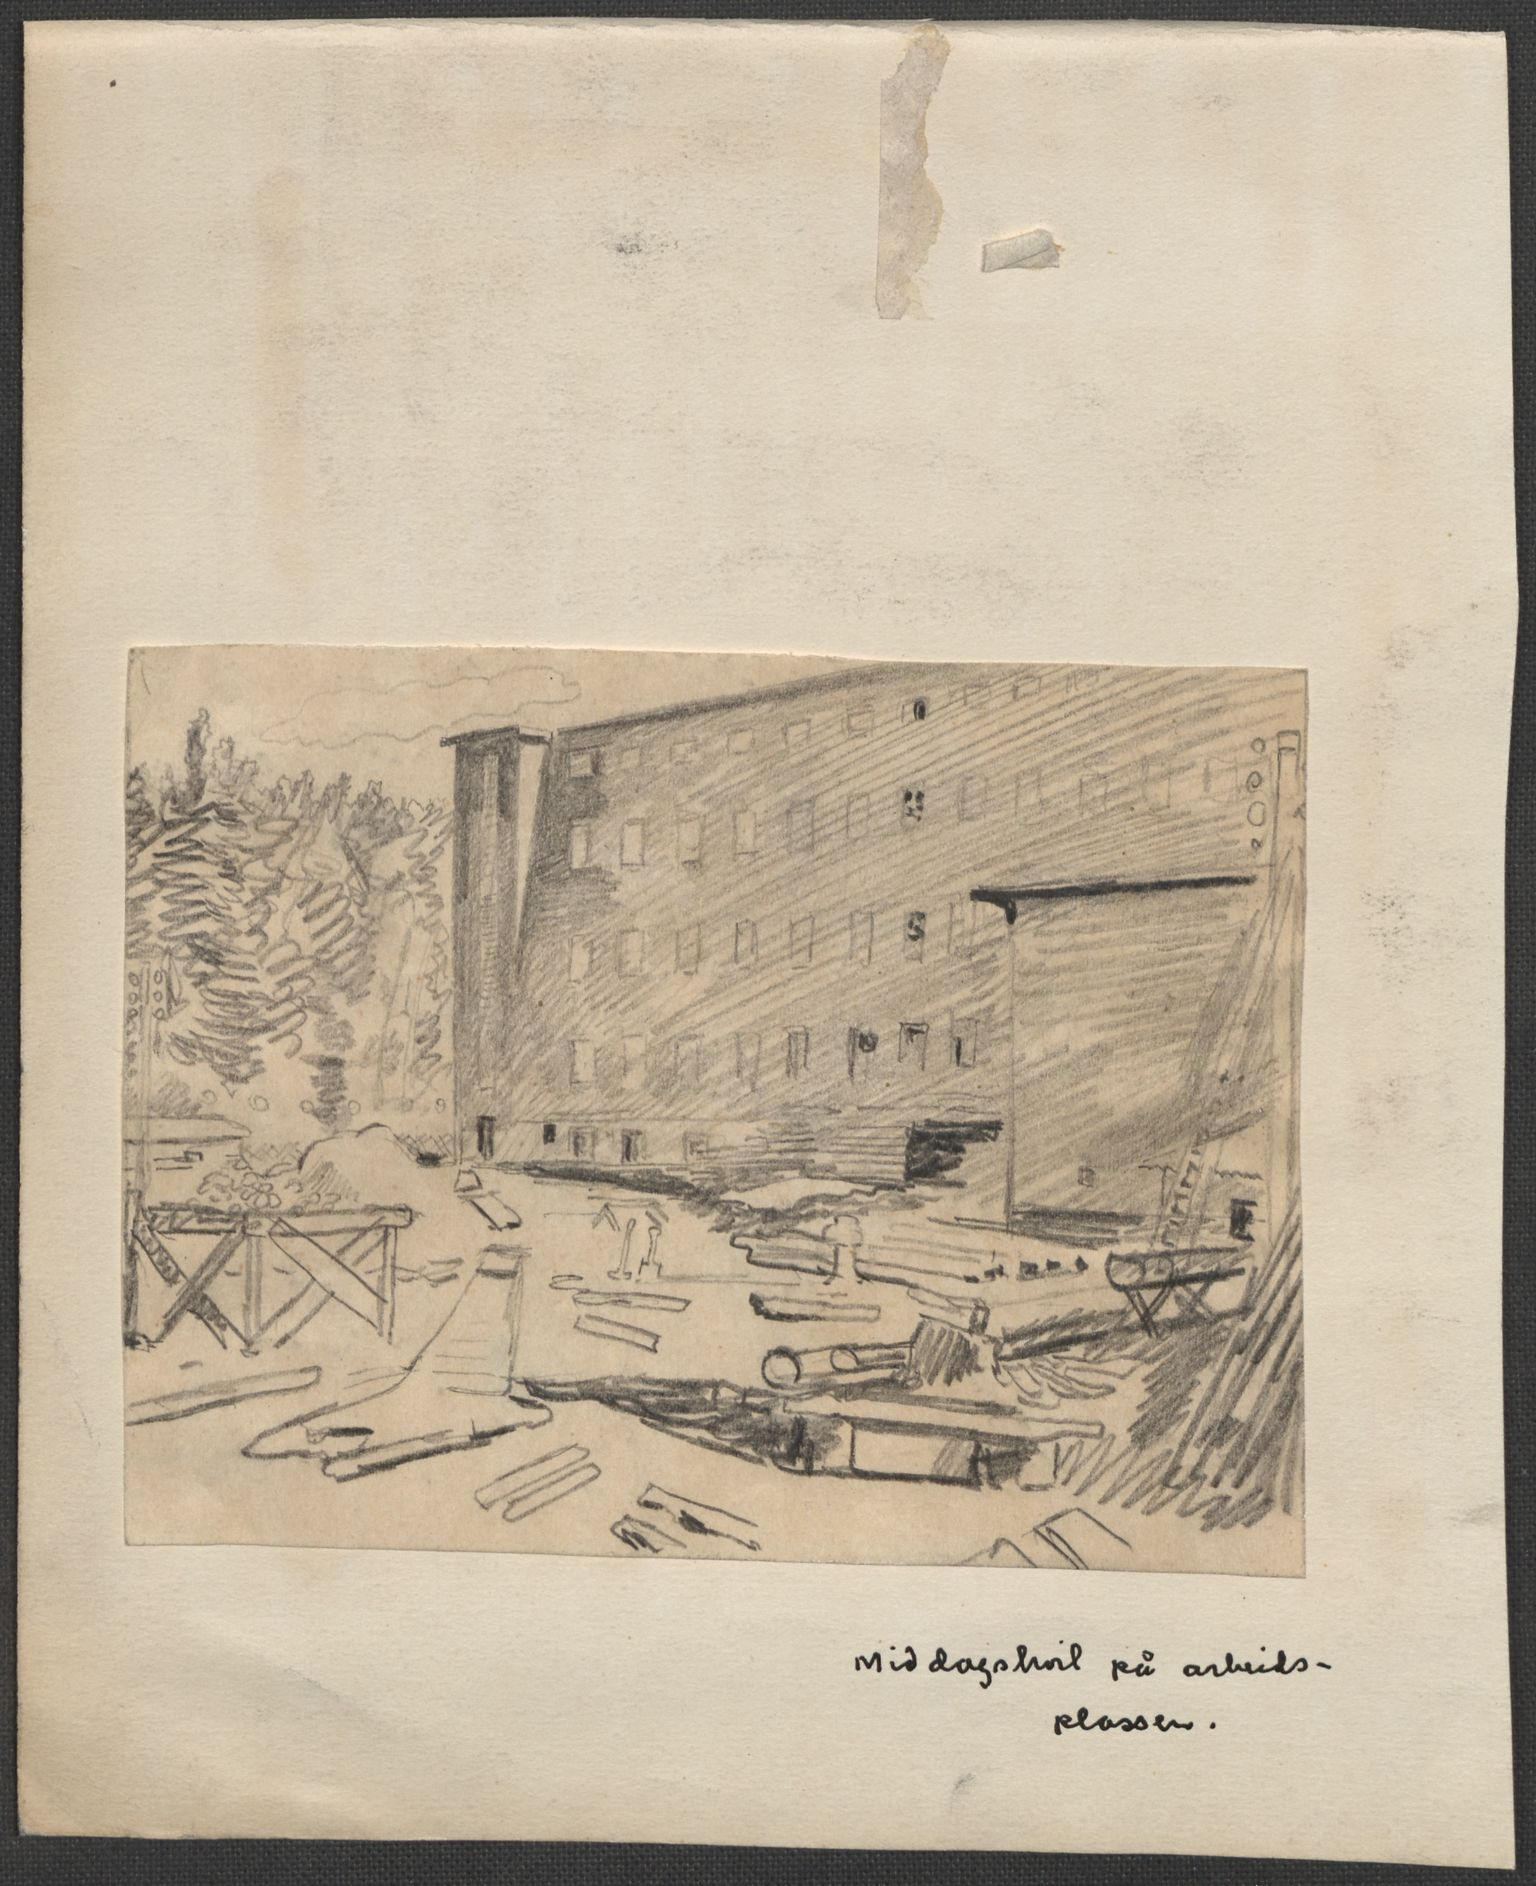 RA, Grøgaard, Joachim, F/L0002: Tegninger og tekster, 1942-1945, p. 107